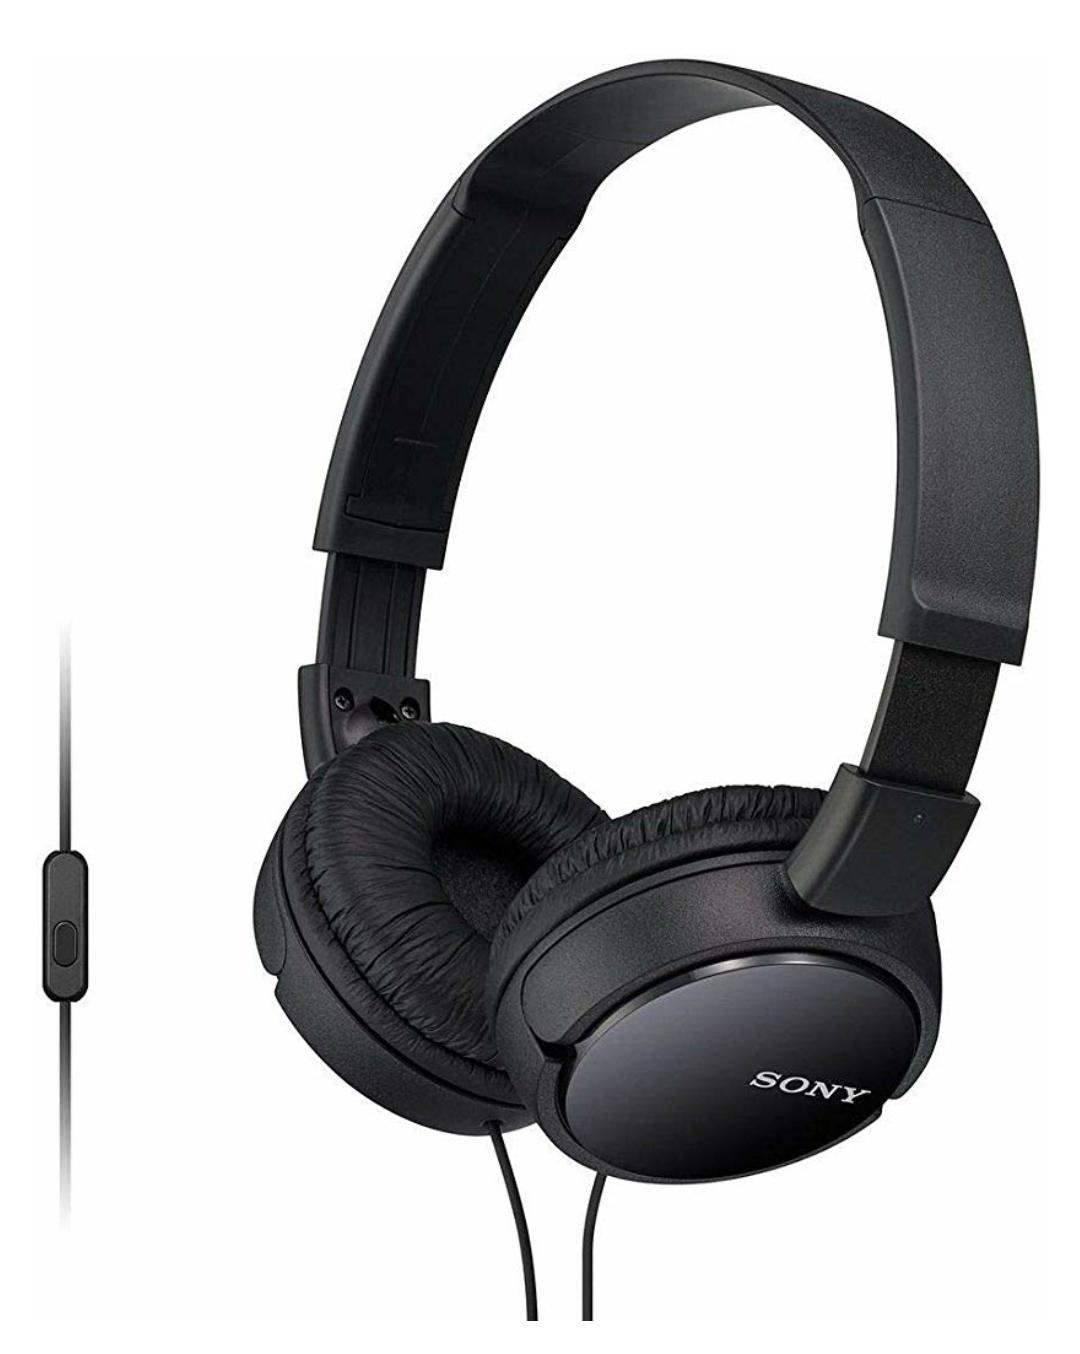 Sony MDR-ZX110AP faltbare OnEar-Kopfhörer mit Headset-Funktion, schwarz [Saturn + Amazon Prime]